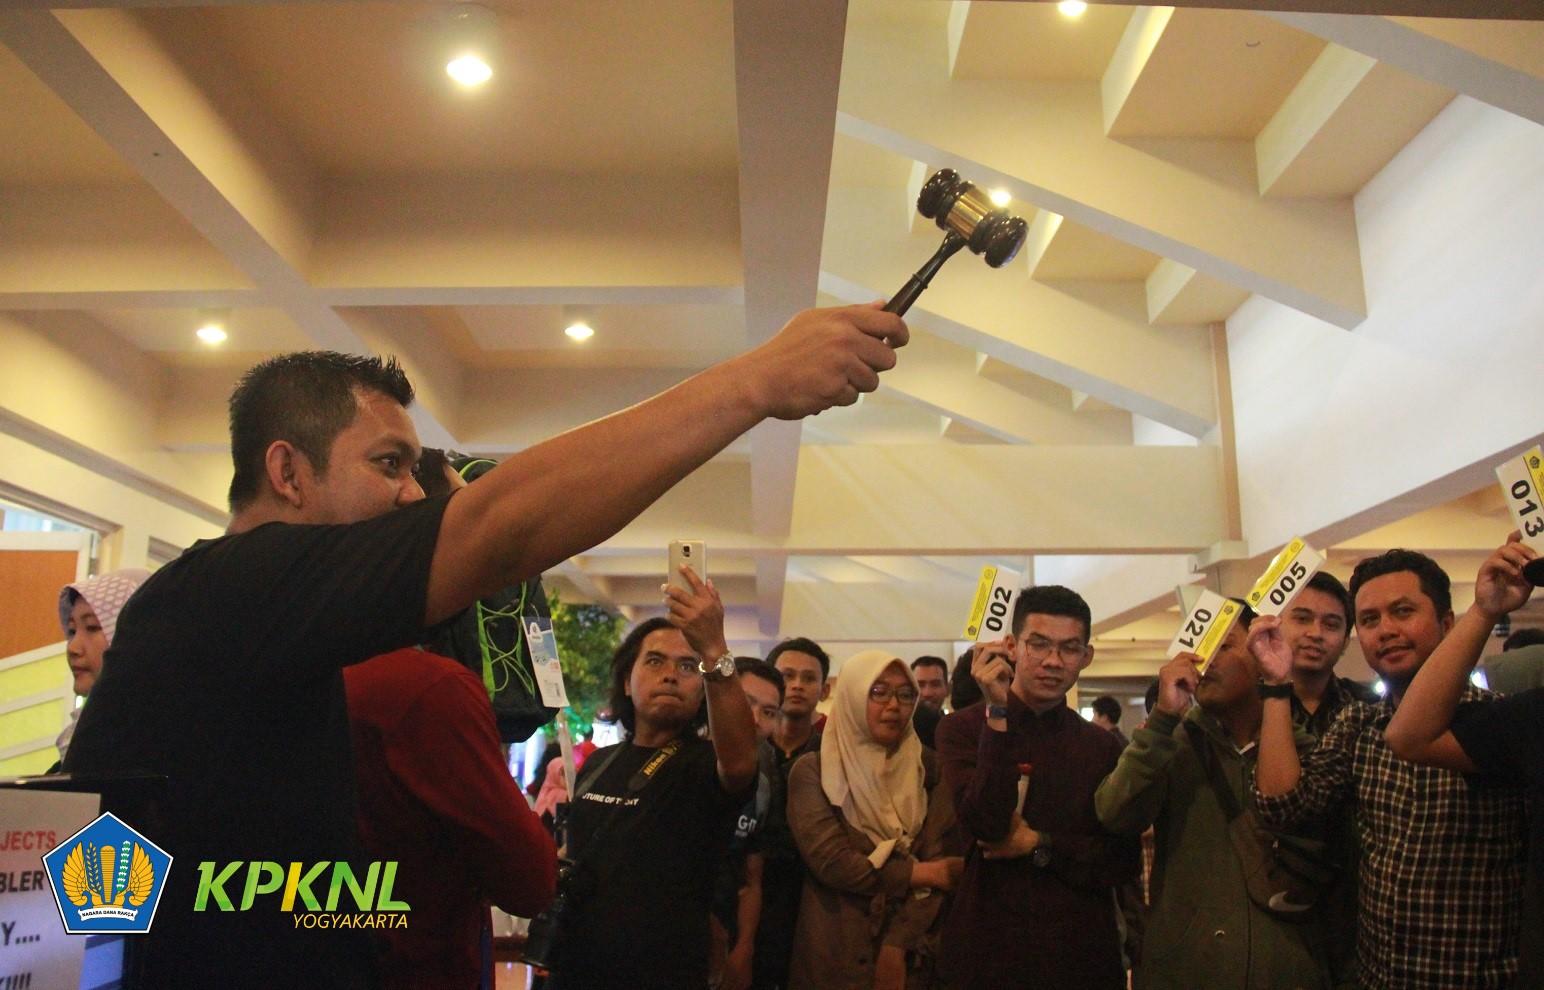 Kenalkan Lelang Pada Generasi Milenial, KPKNL Yogyakarta Ikut Semarakkan MOFEST 2019